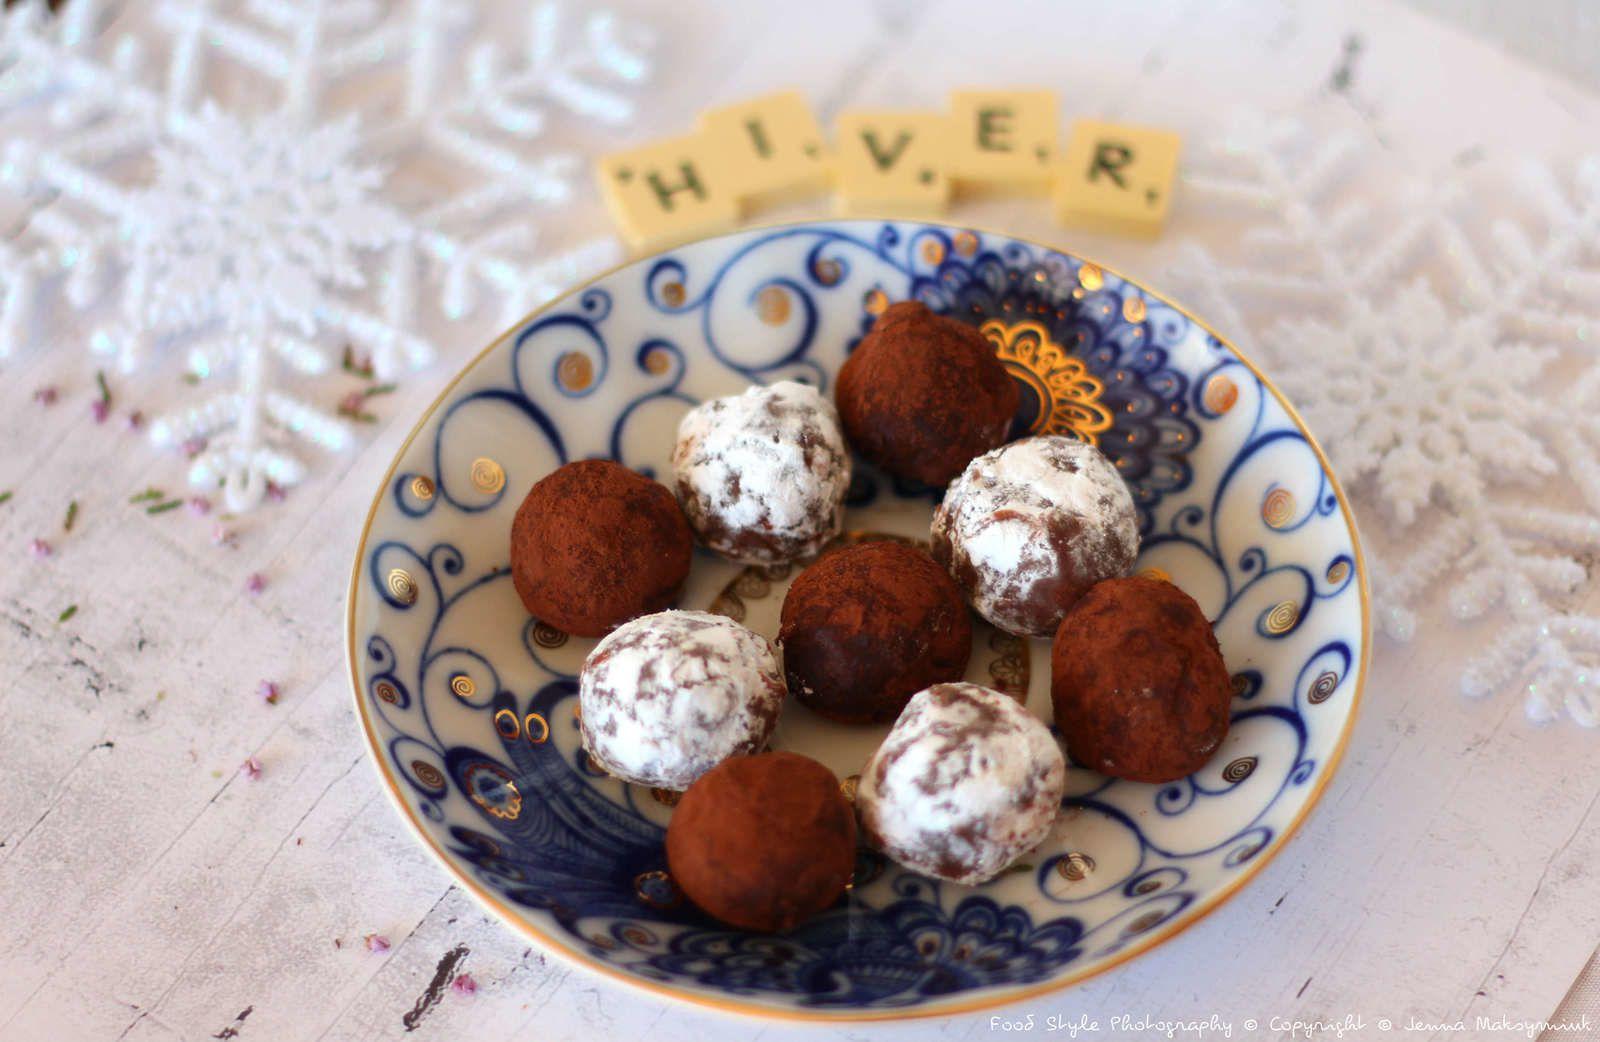 Truffes au chocolat et marrons